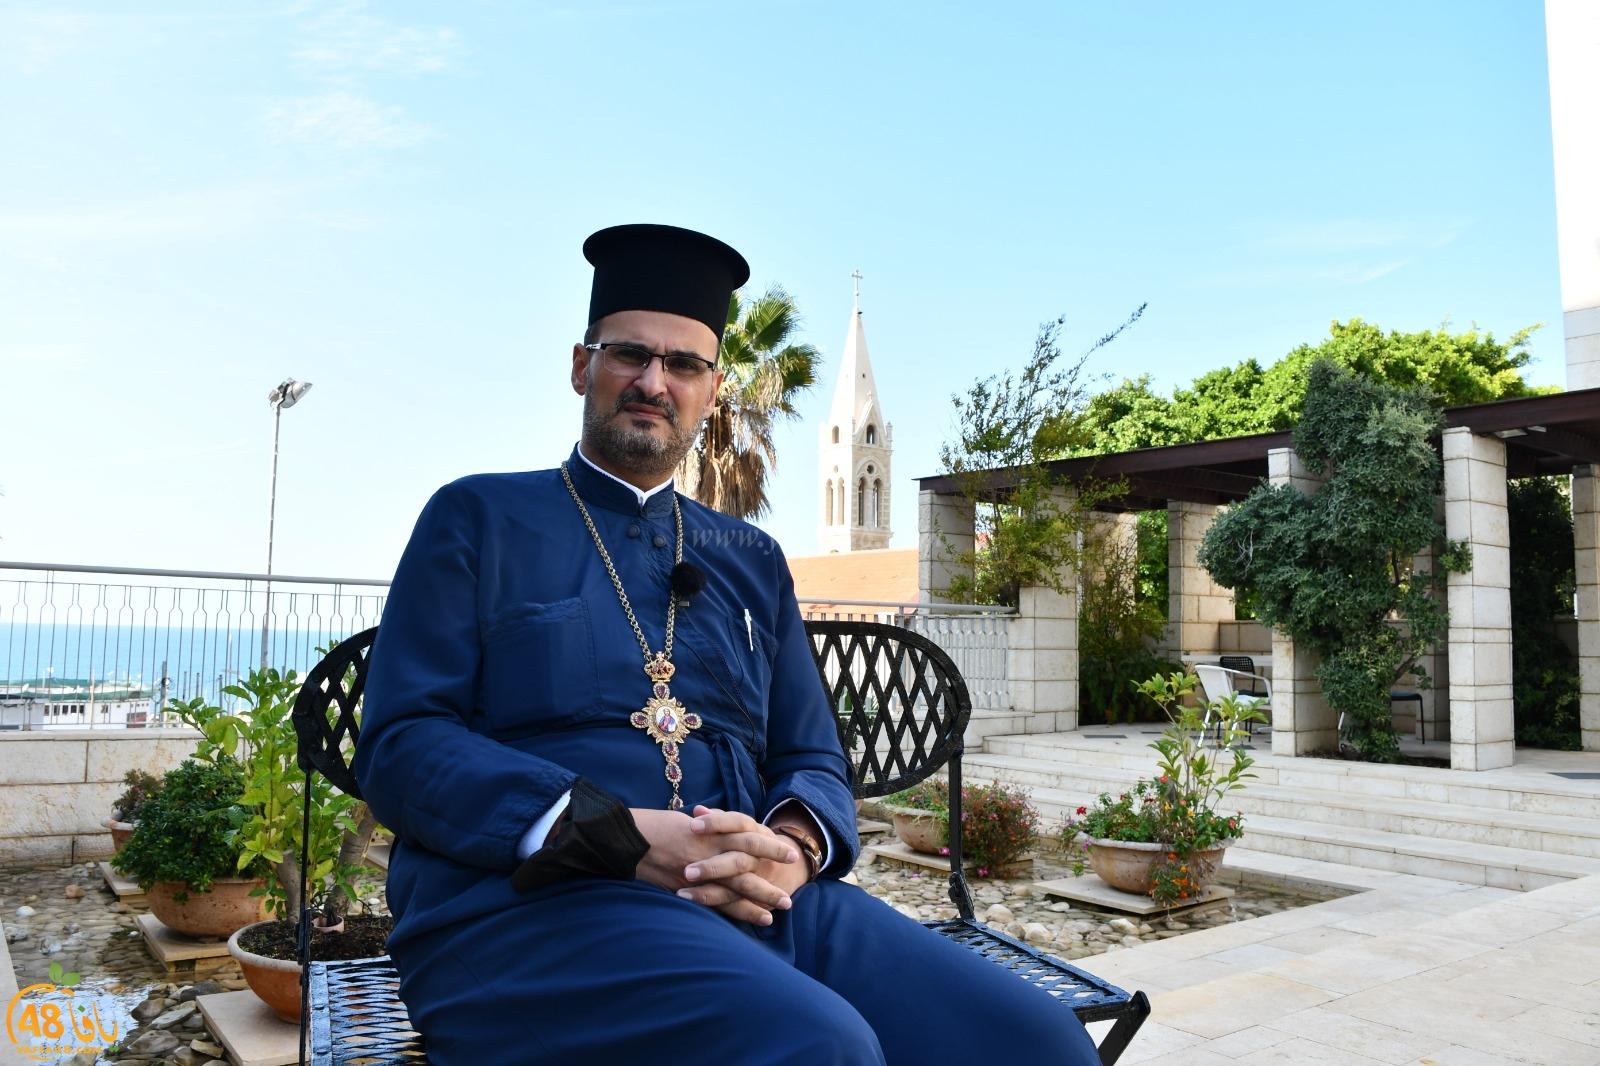 فيديو: الأب قسطنطين نصار سنلاحق من أساء لرموزنا الدينية وأدعو أهالي يافا للوحدة والتلاحم